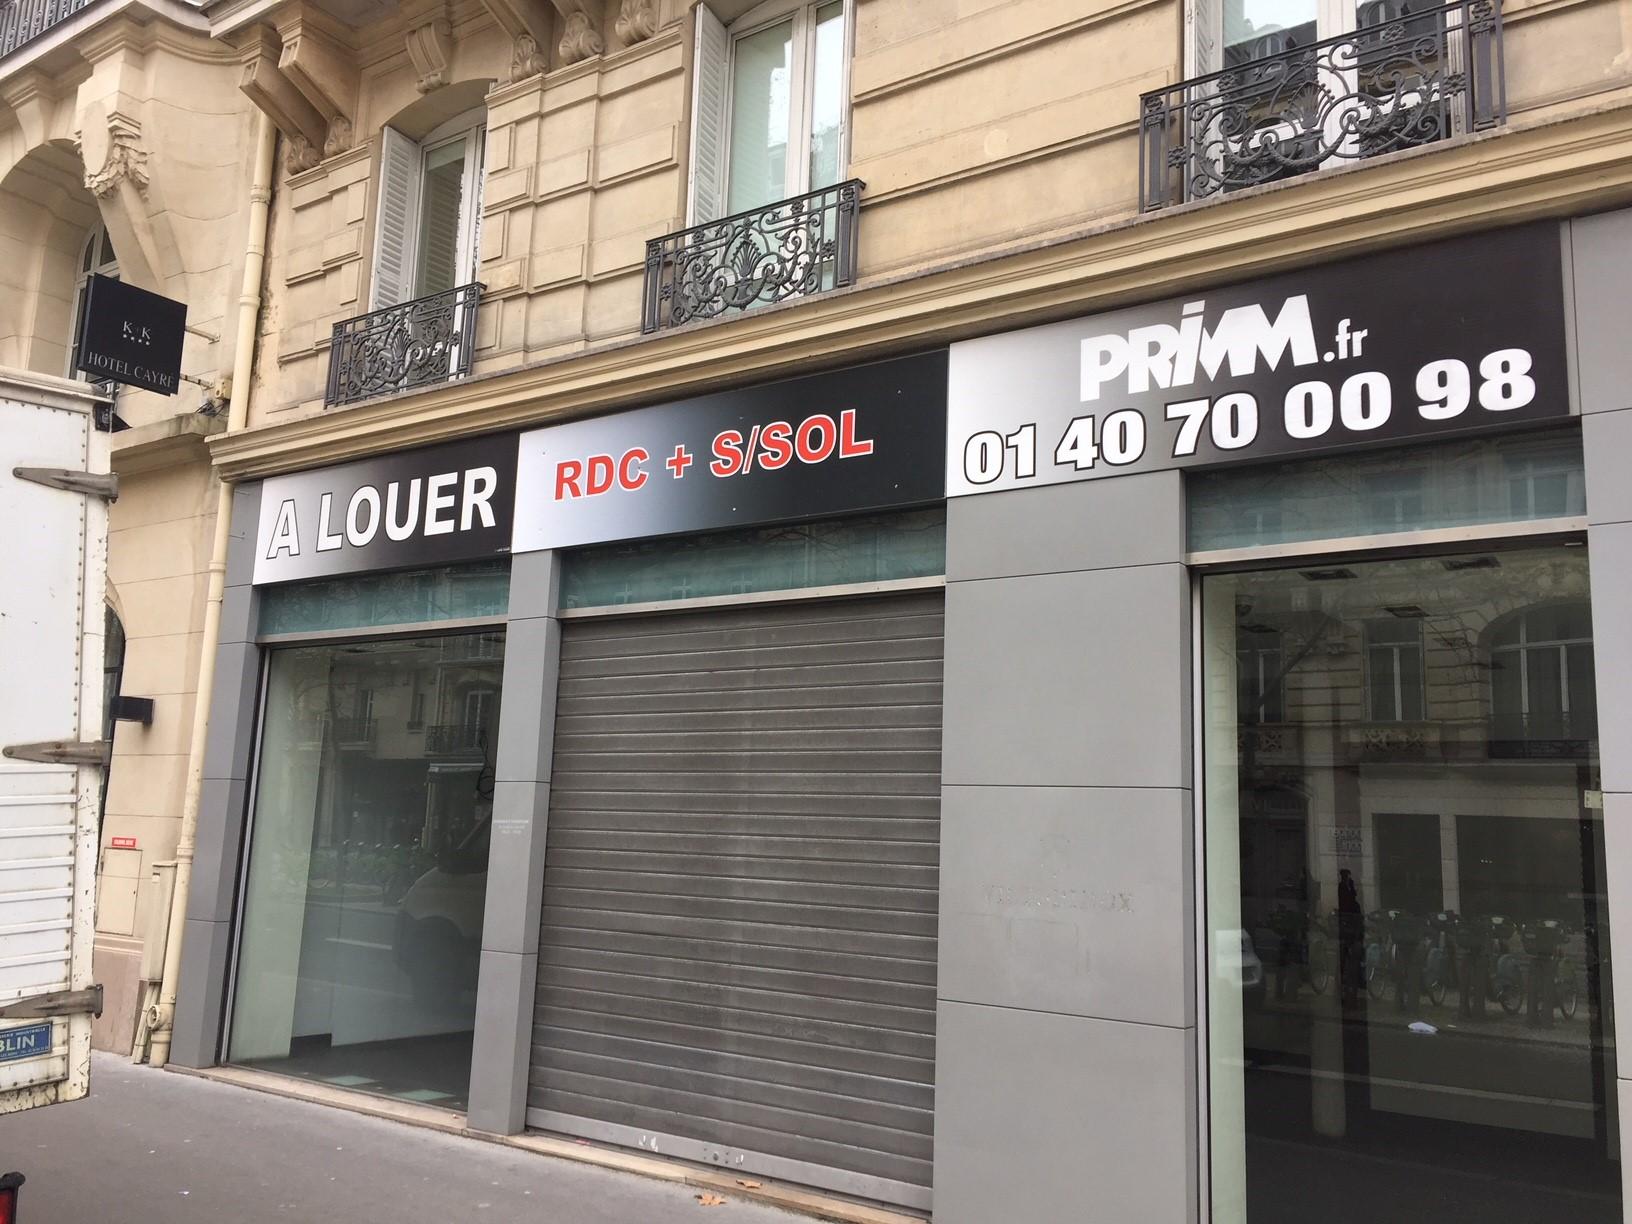 BOUTIQUE A LOUER A PARIS 75007